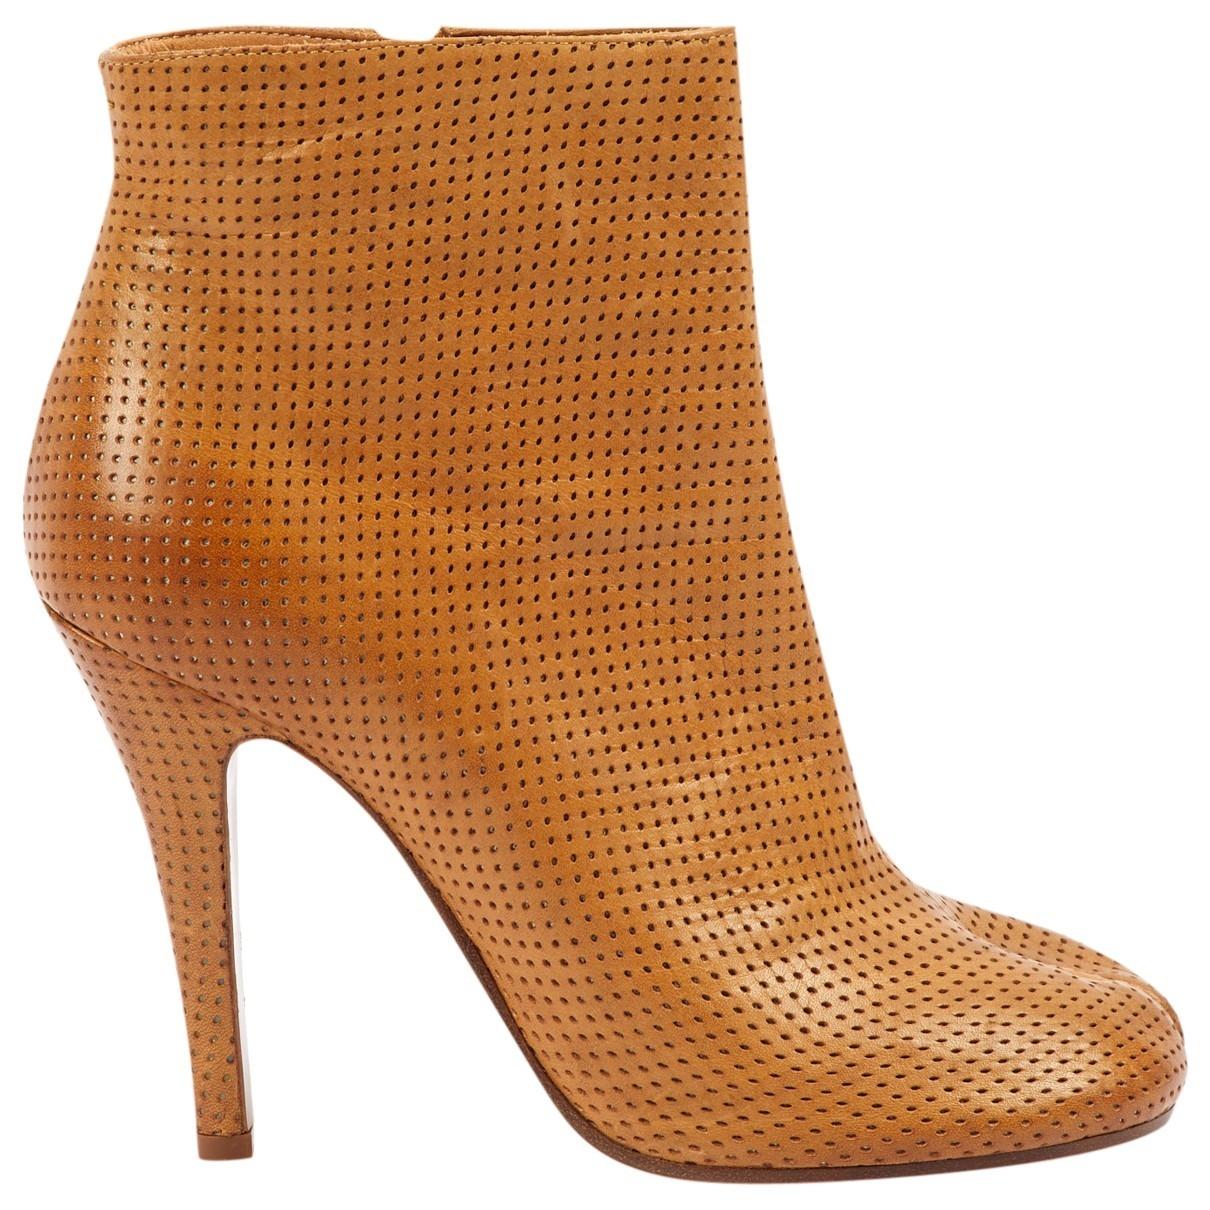 Maison Martin Margiela - Boots Tabi pour femme en cuir - marron